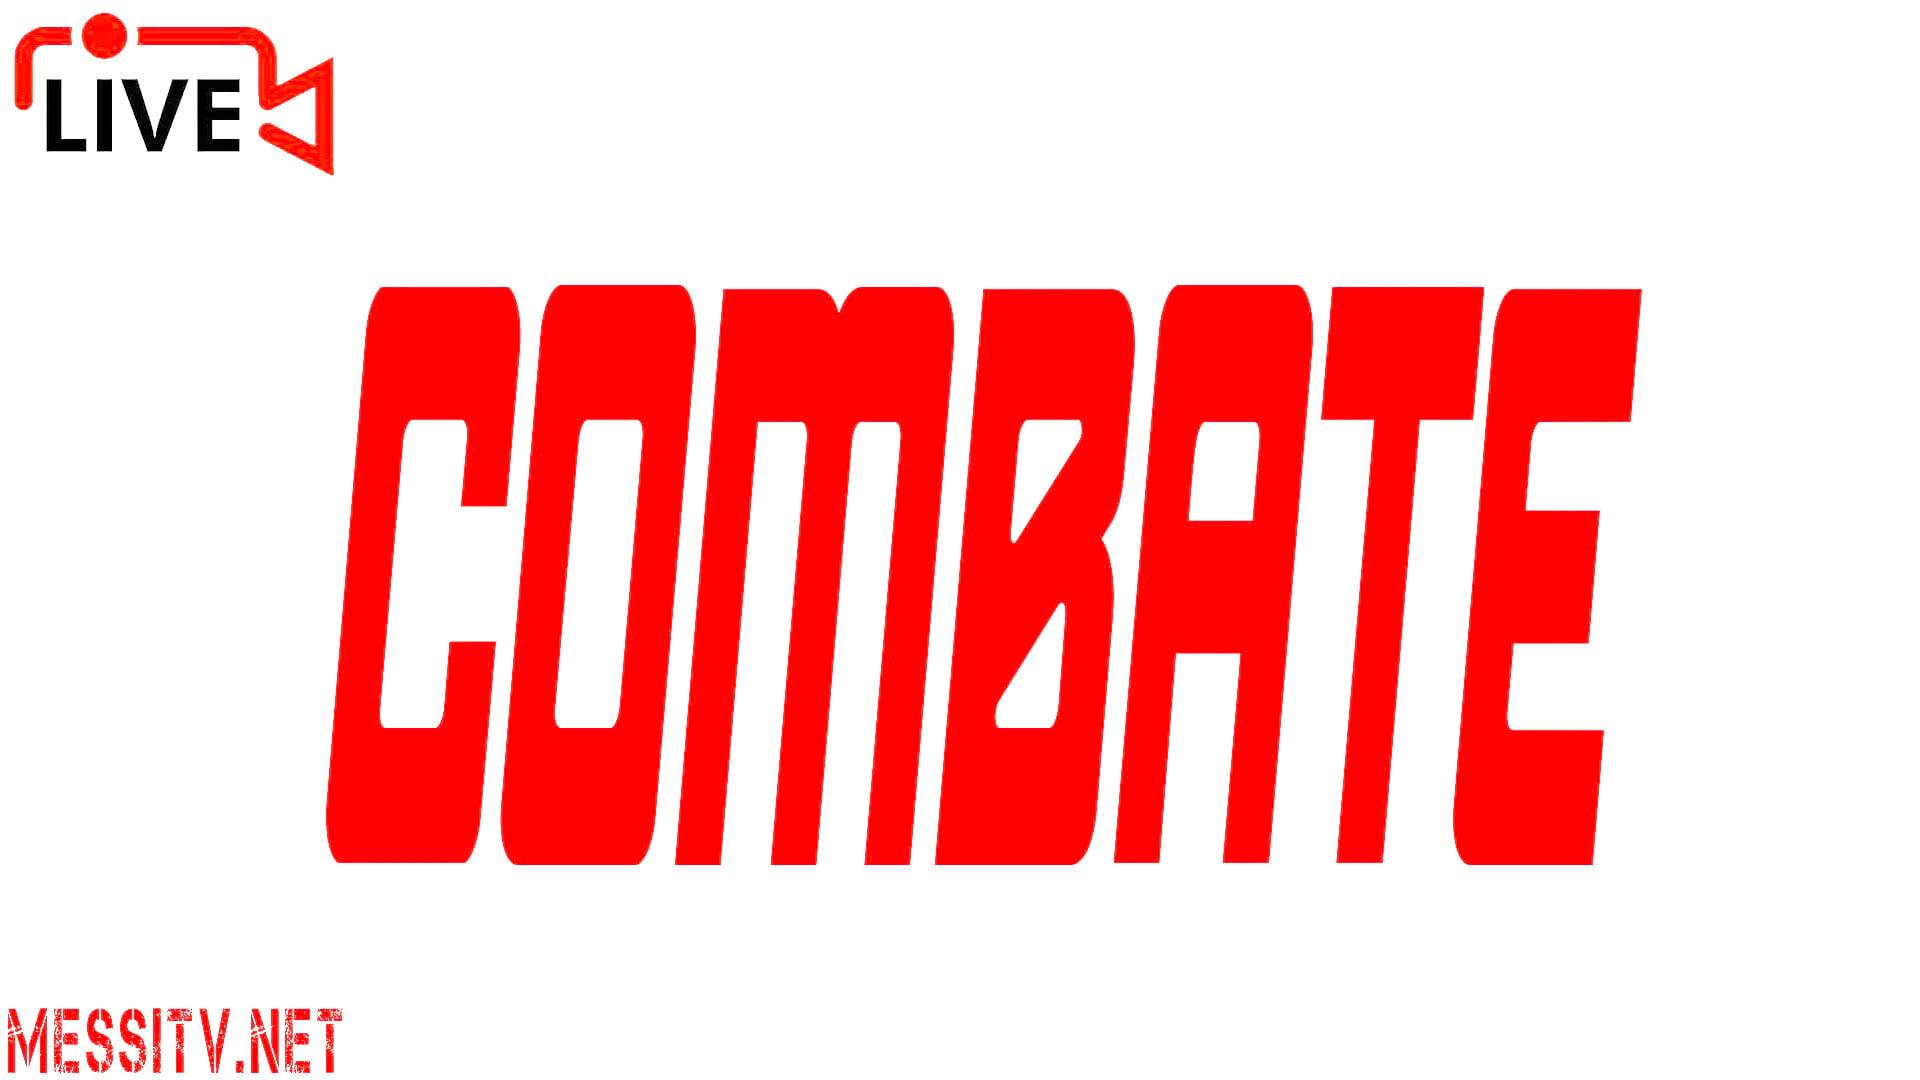 assistir Combate Brasil ao vivo online, assistir Combate ao vivo online, Assistir UFC Combate ao vivo em HD Online, Assistir UFC Combate Brasil ao vivo em HD Online, watch Combate Brasil live online, watch Combate live online, watch UFC Combate live online, watch UFC Combate Brasil live online, Watch Brasil TV live online, Brasil tv schedule, Assistir TV Brasil ao vivo online, programação da TV Brasil